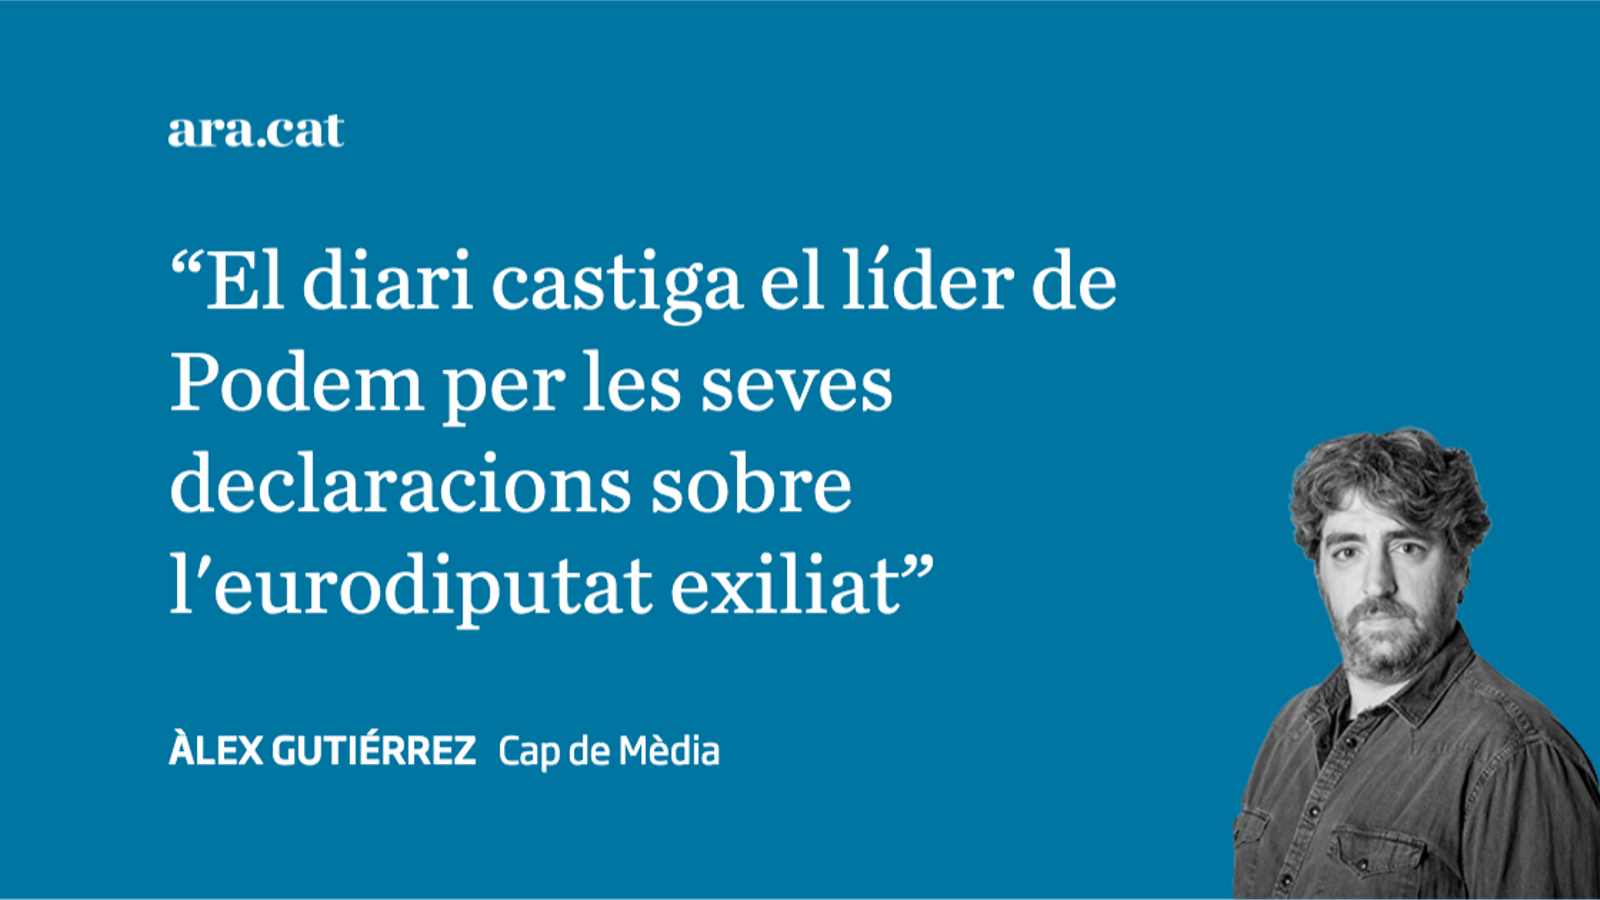 Puigdemont, 'El País' i els malestars del PSOE